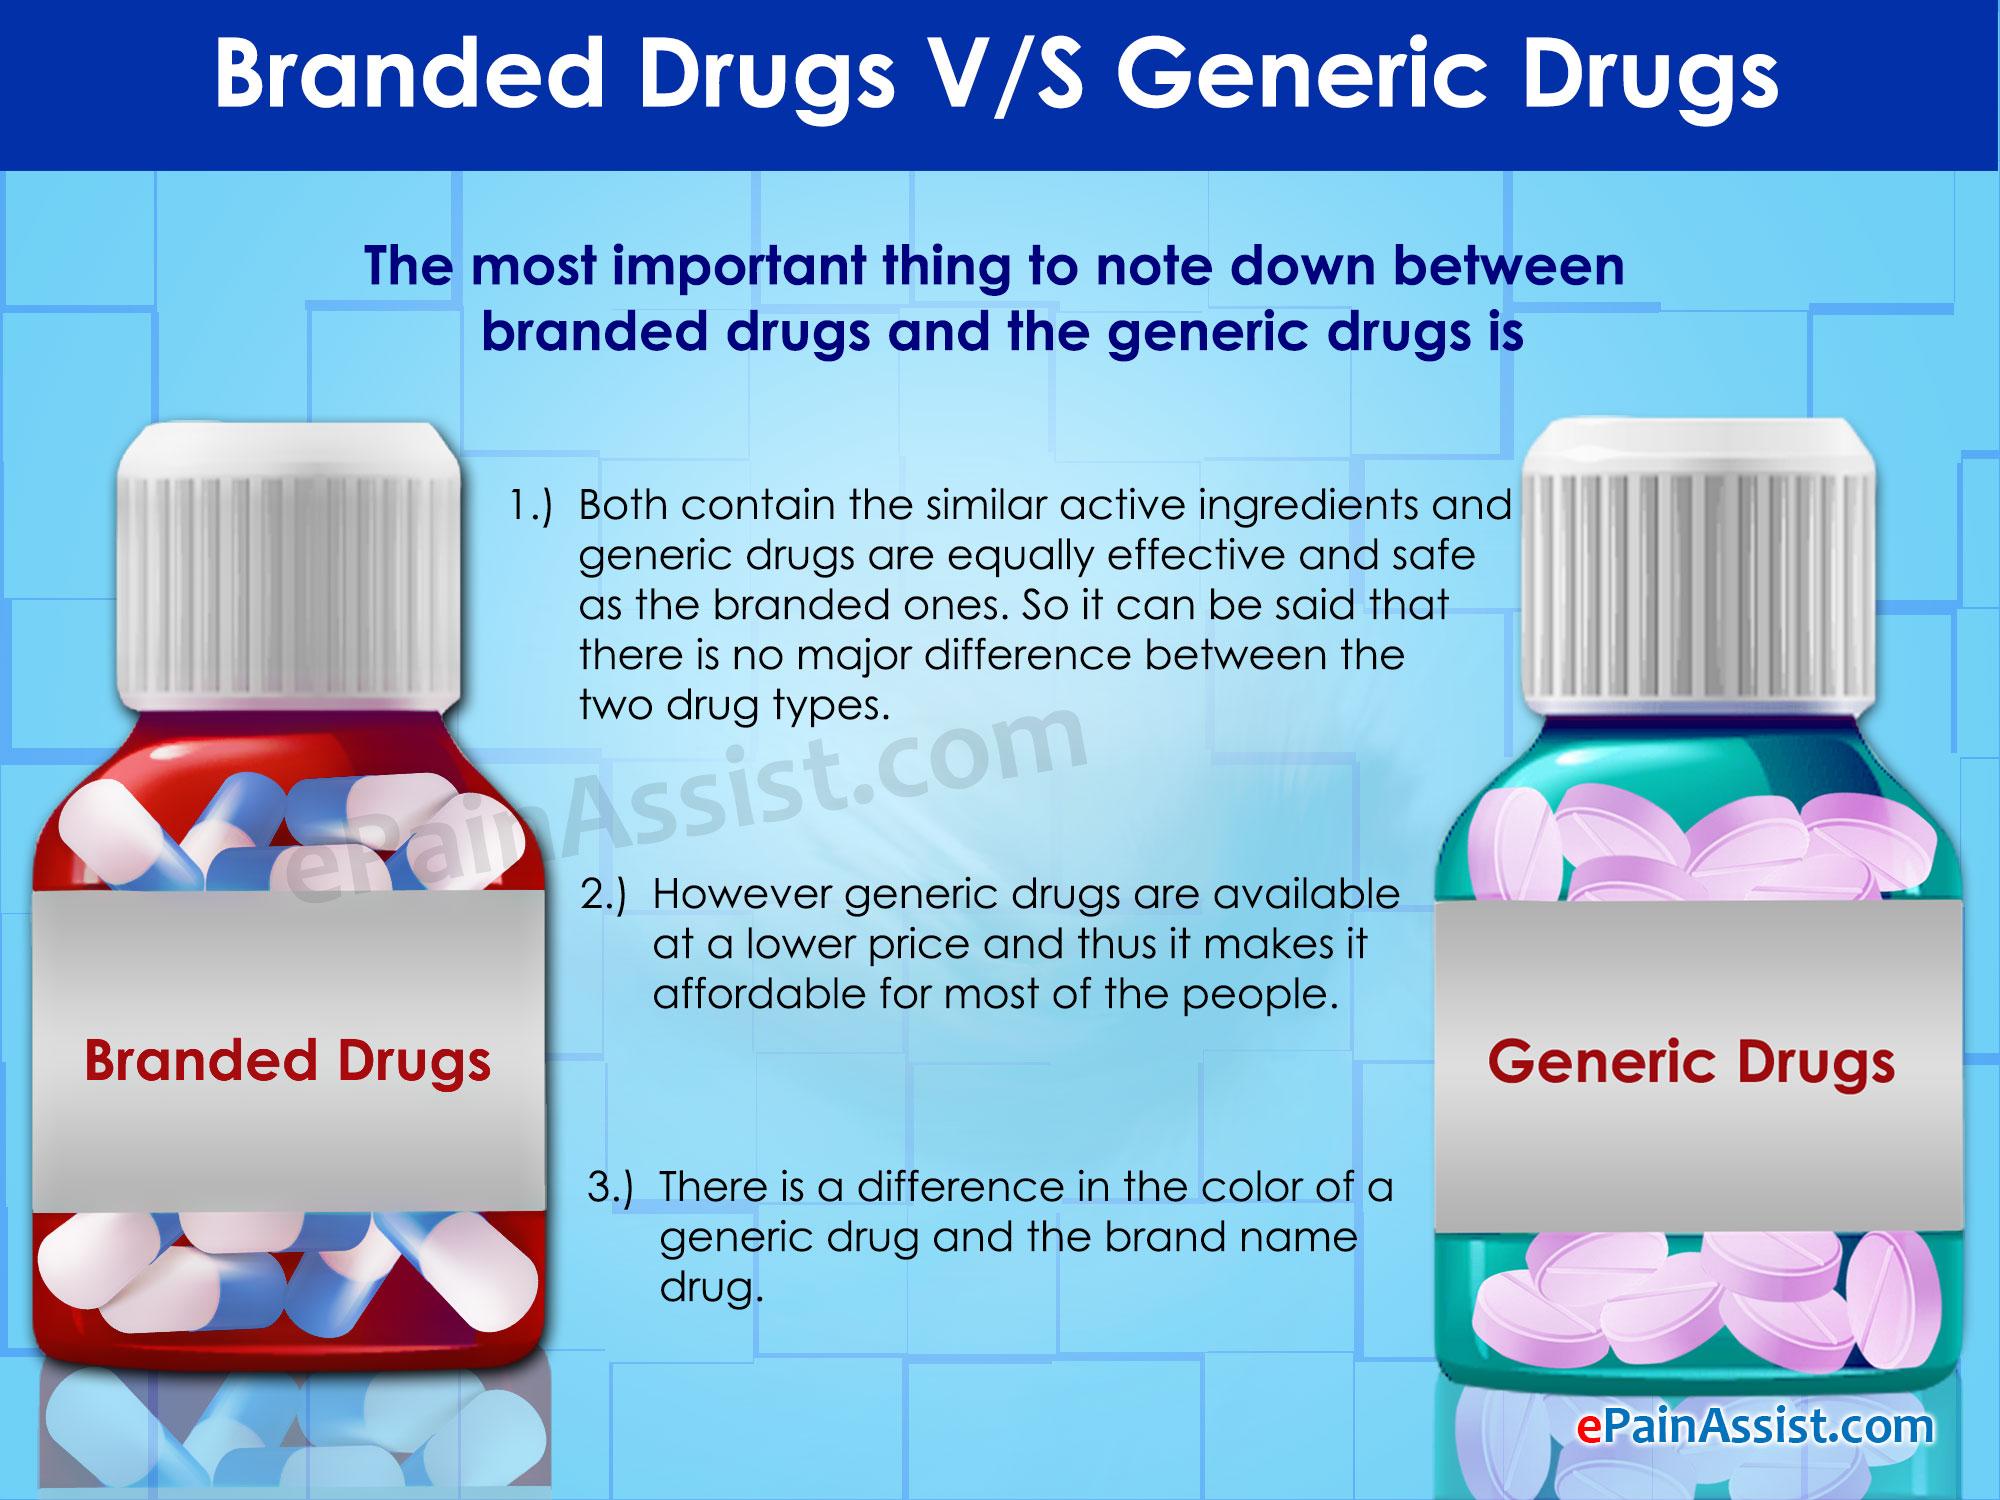 branded-drugs-generic-drugs